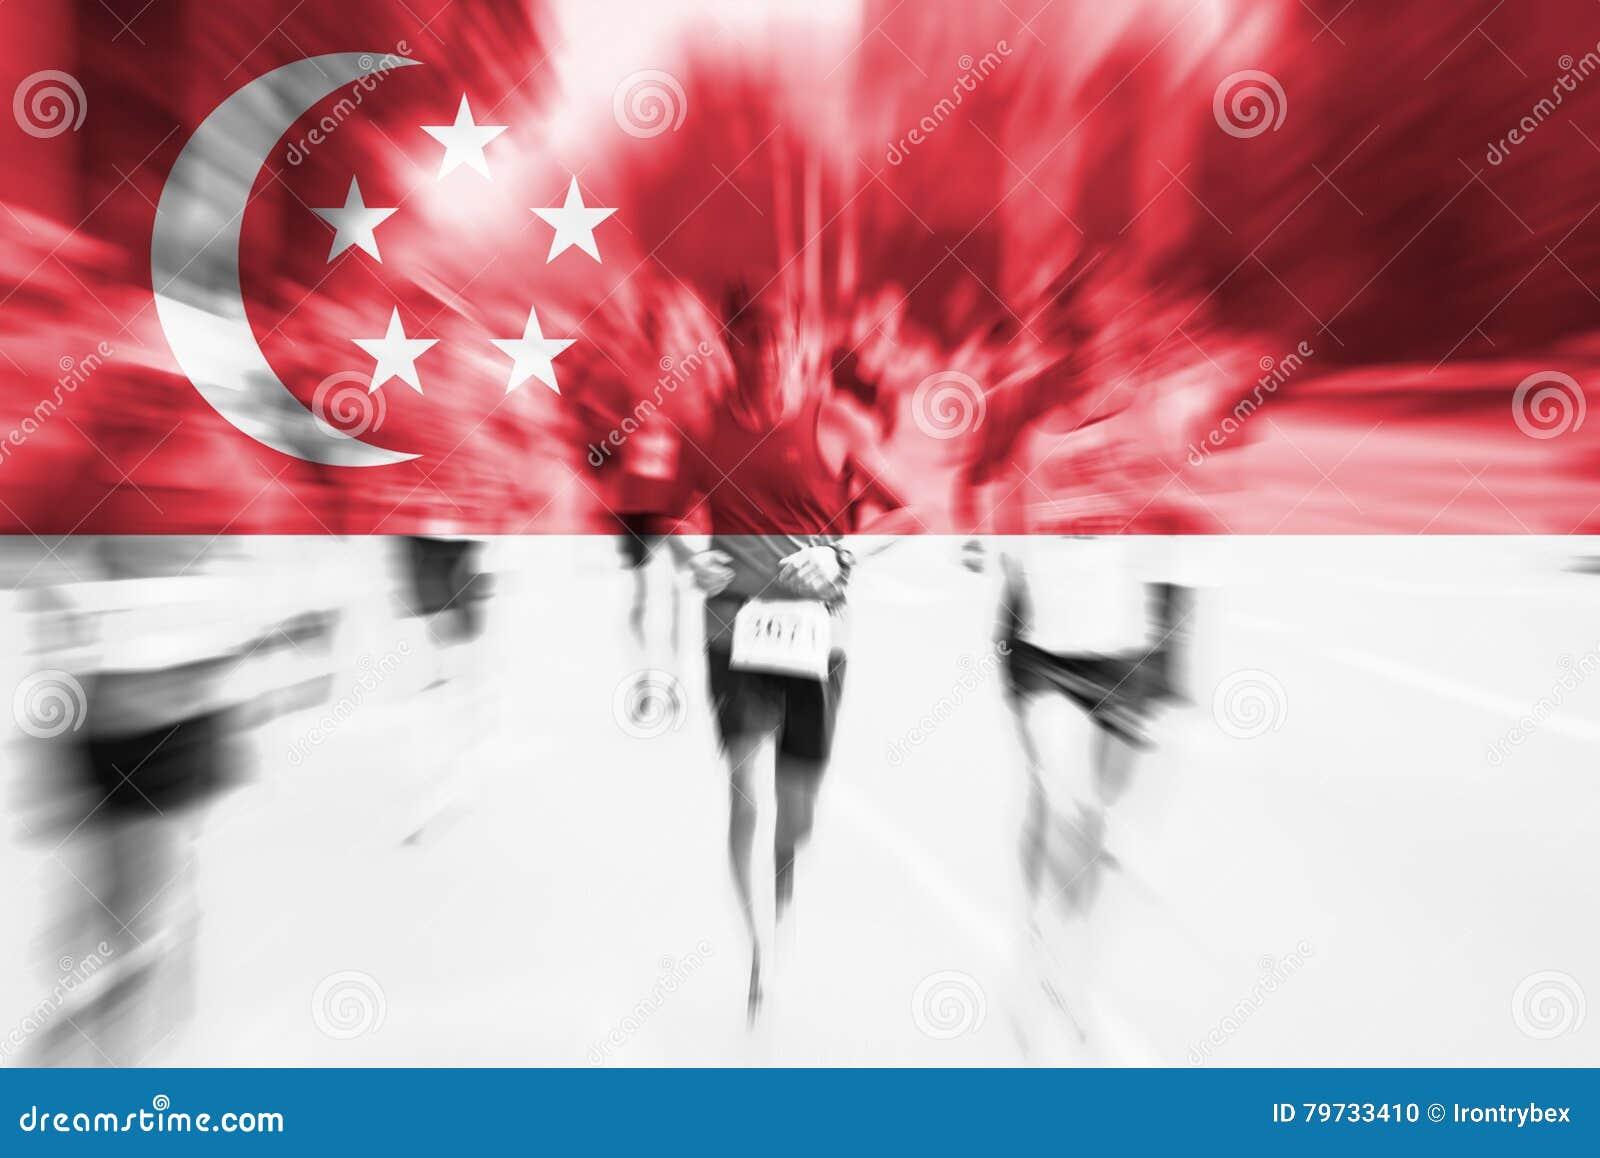 Falta de definición de movimiento del corredor de maratón con la mezcla de la bandera de Singapur